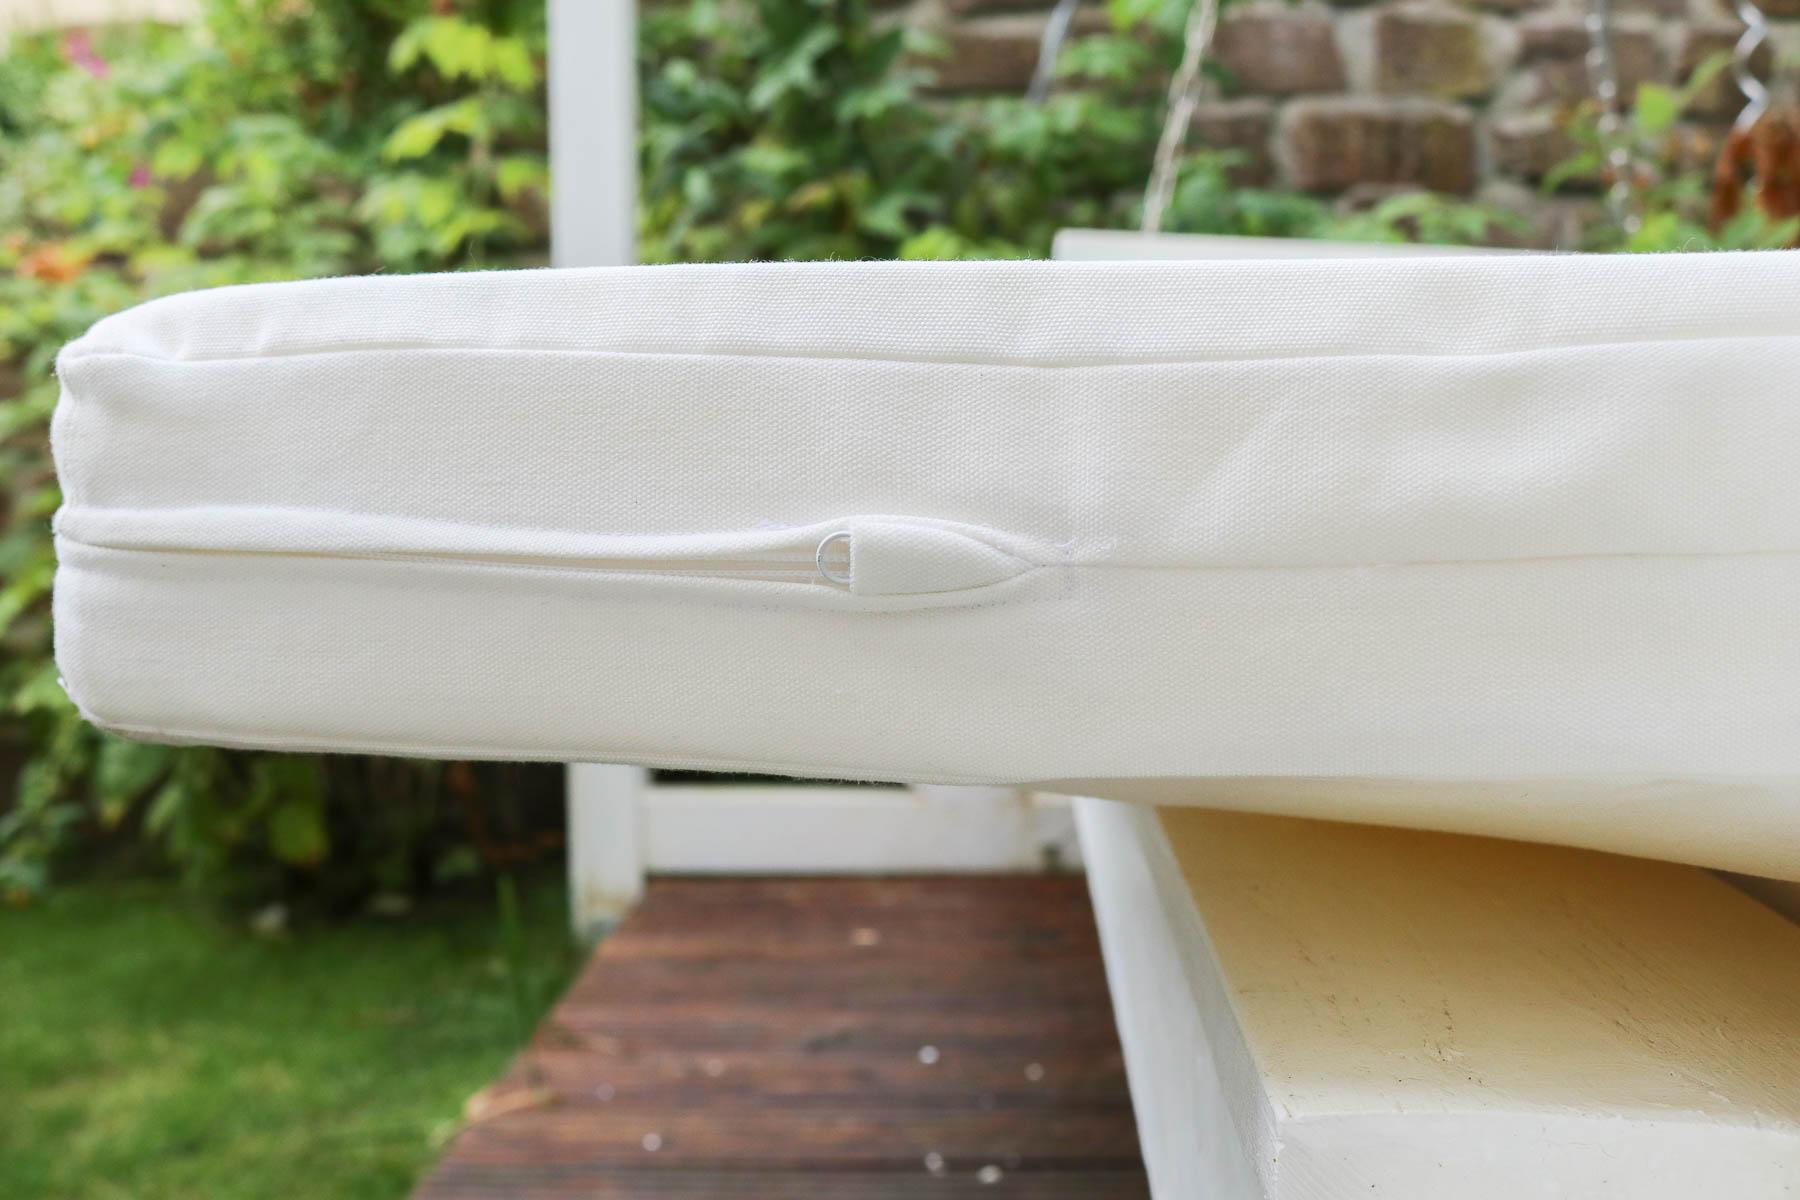 Nahtverdeckter Reißverschluss bei Sitzauflage für Gartenschaukel. JanaKnöpfchen - Nähen für Jungs